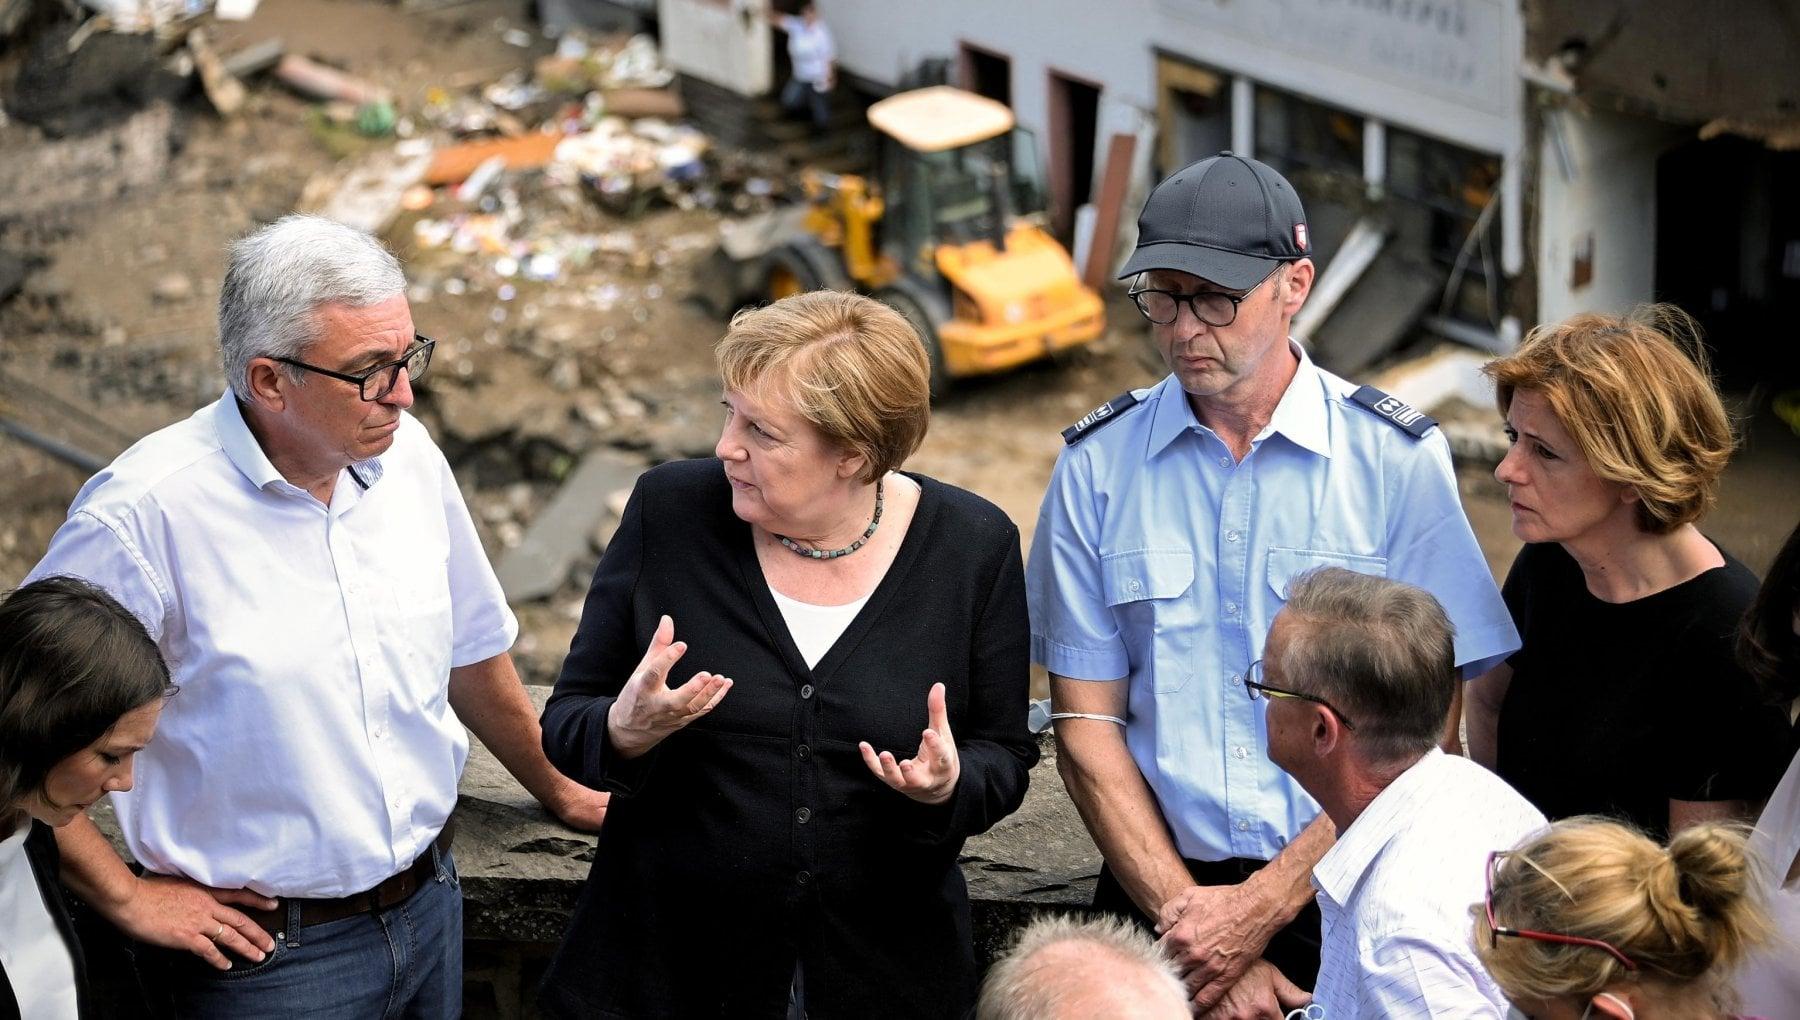 """152511426 a98fd8c9 1081 48f1 b850 58efec937e08 - Germania, Merkel tra gli alluvionati: """"Non abbiamo le parole. Ora le priorità siano clima e ambiente"""""""